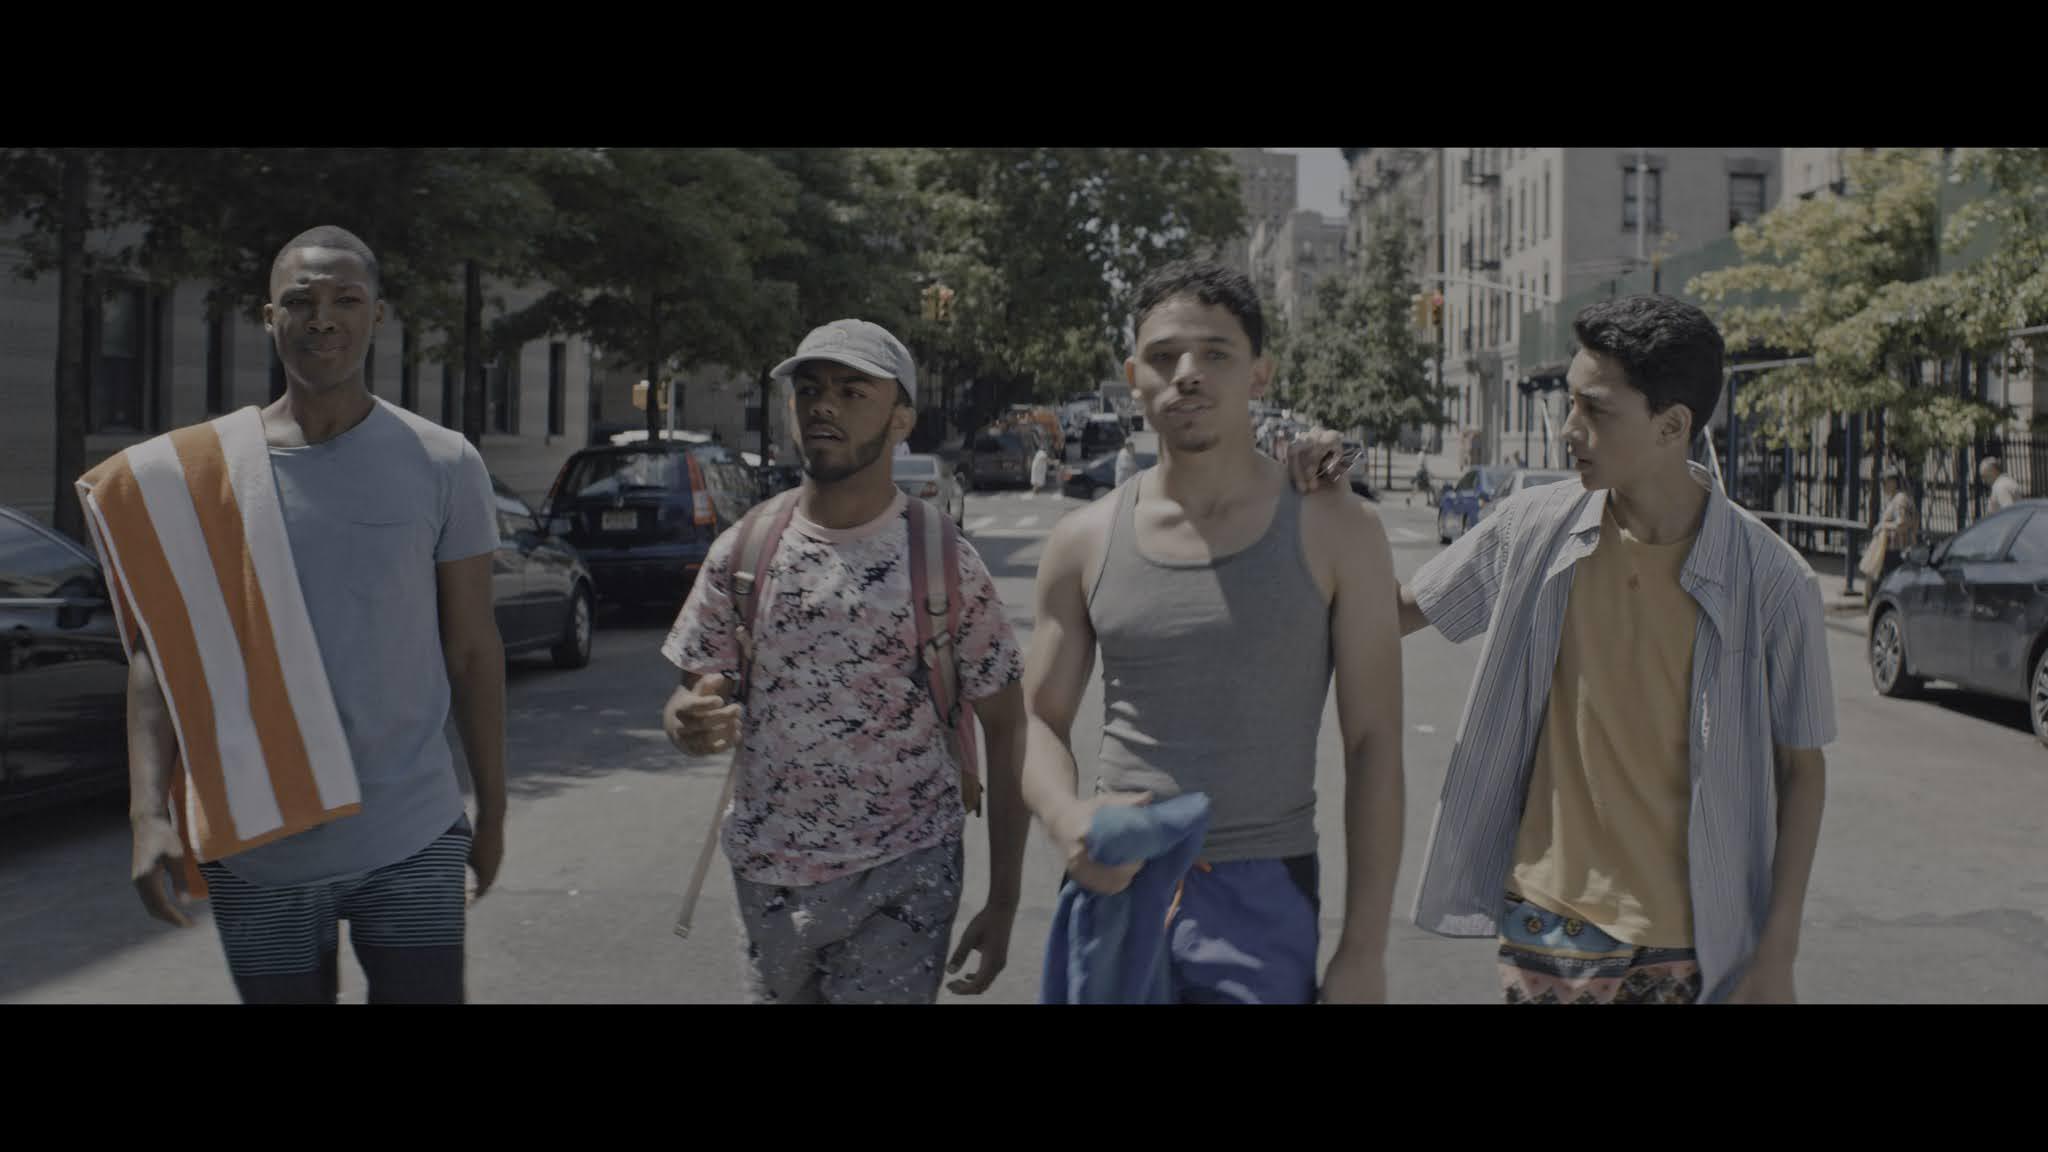 En el barrio (2021) 4K WEB-DL HDR Latino